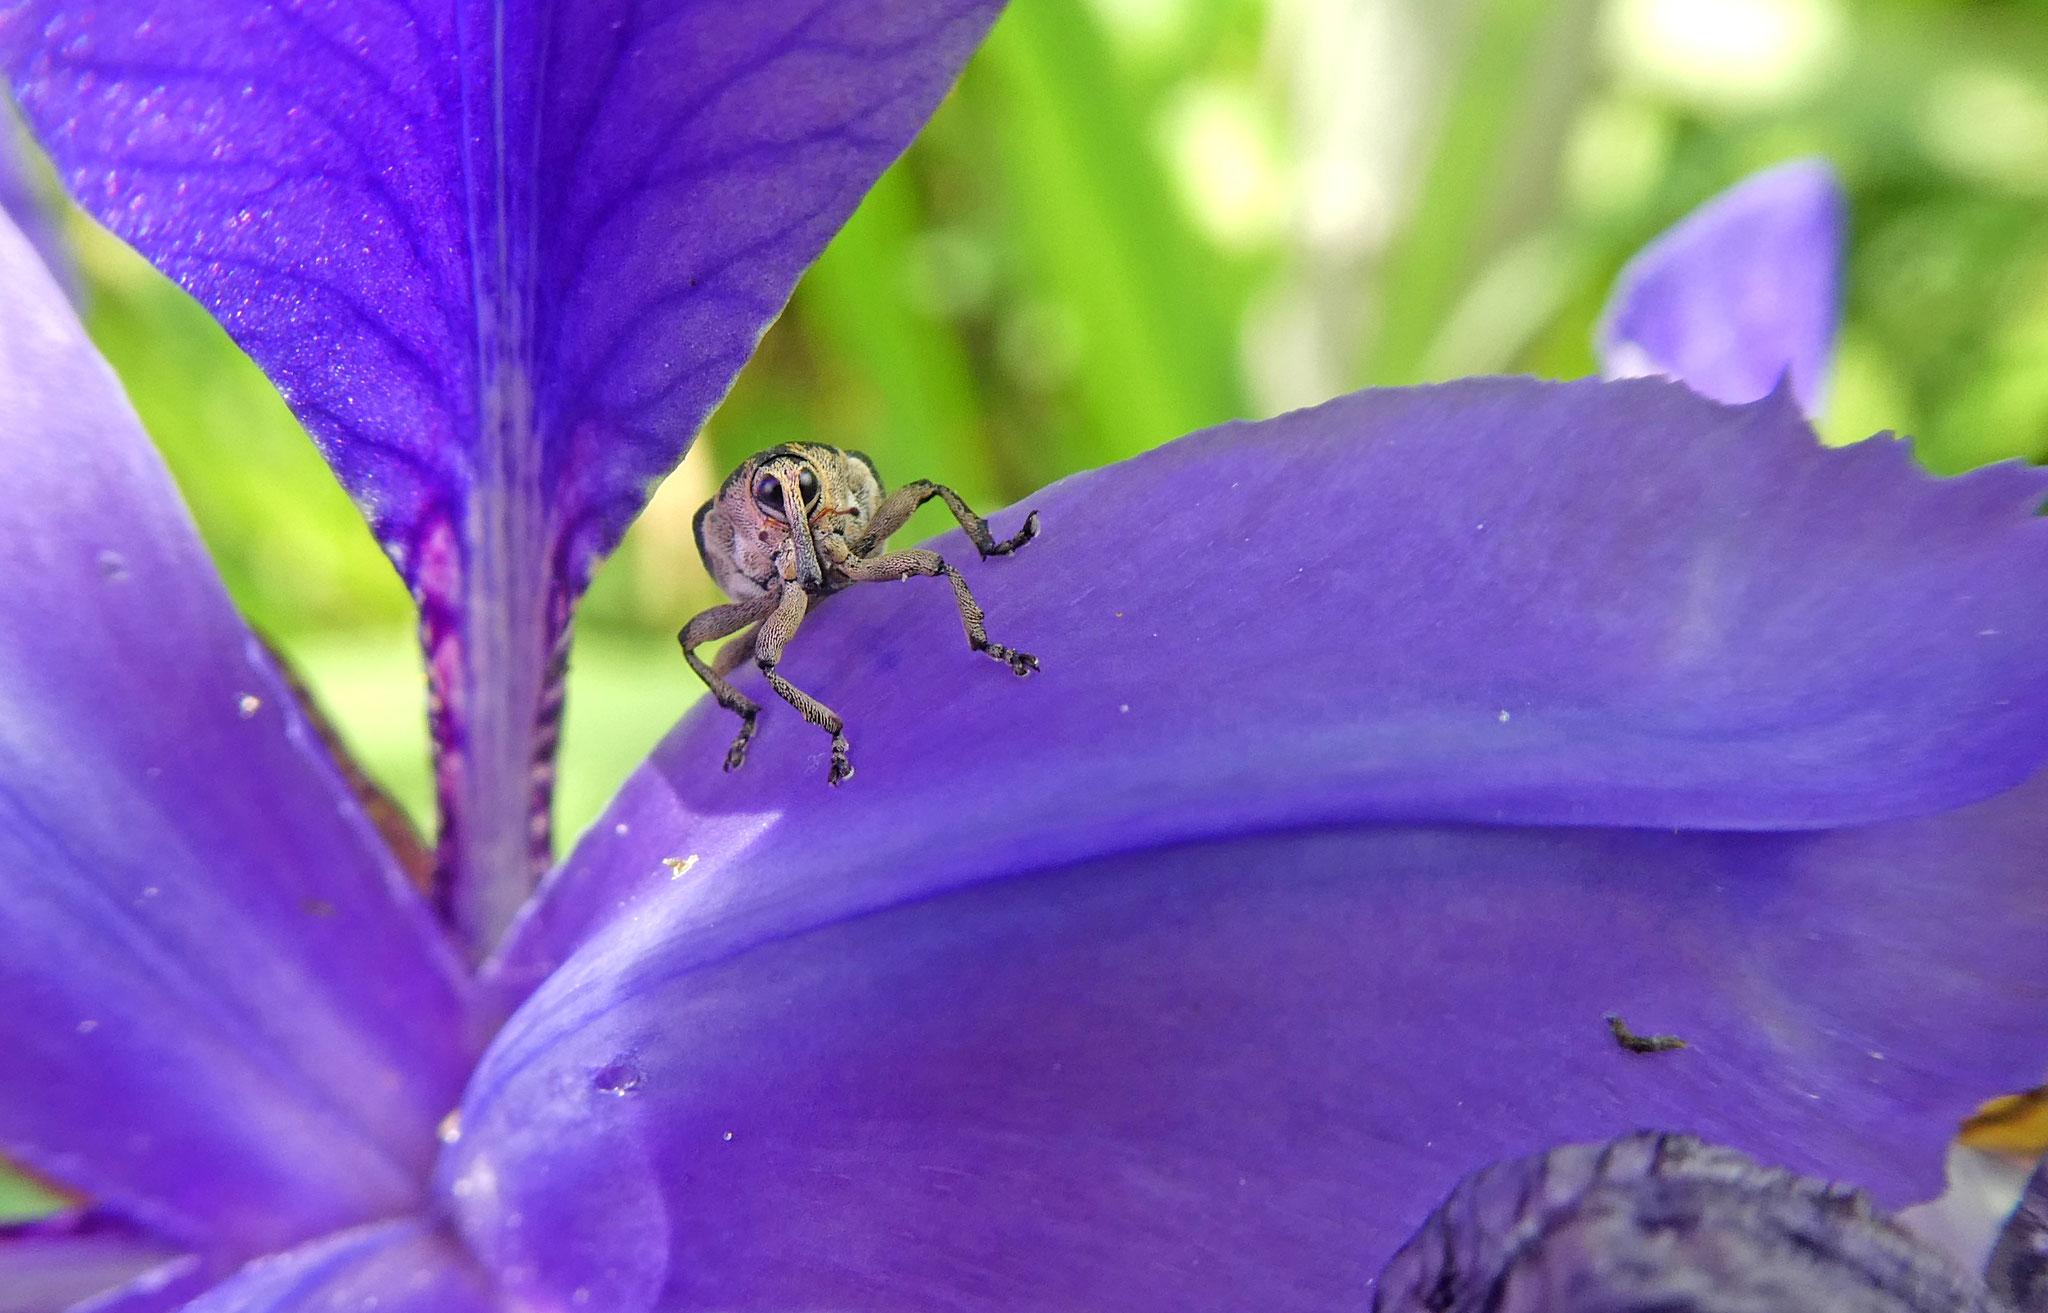 TOP 20: Da muss man schon genau hinschauen! Christine Schwarz aus Mainz-Hechtsheim hat diesen Rüsselkäfer auf einer Schwertlilienblüte aufgenommen.